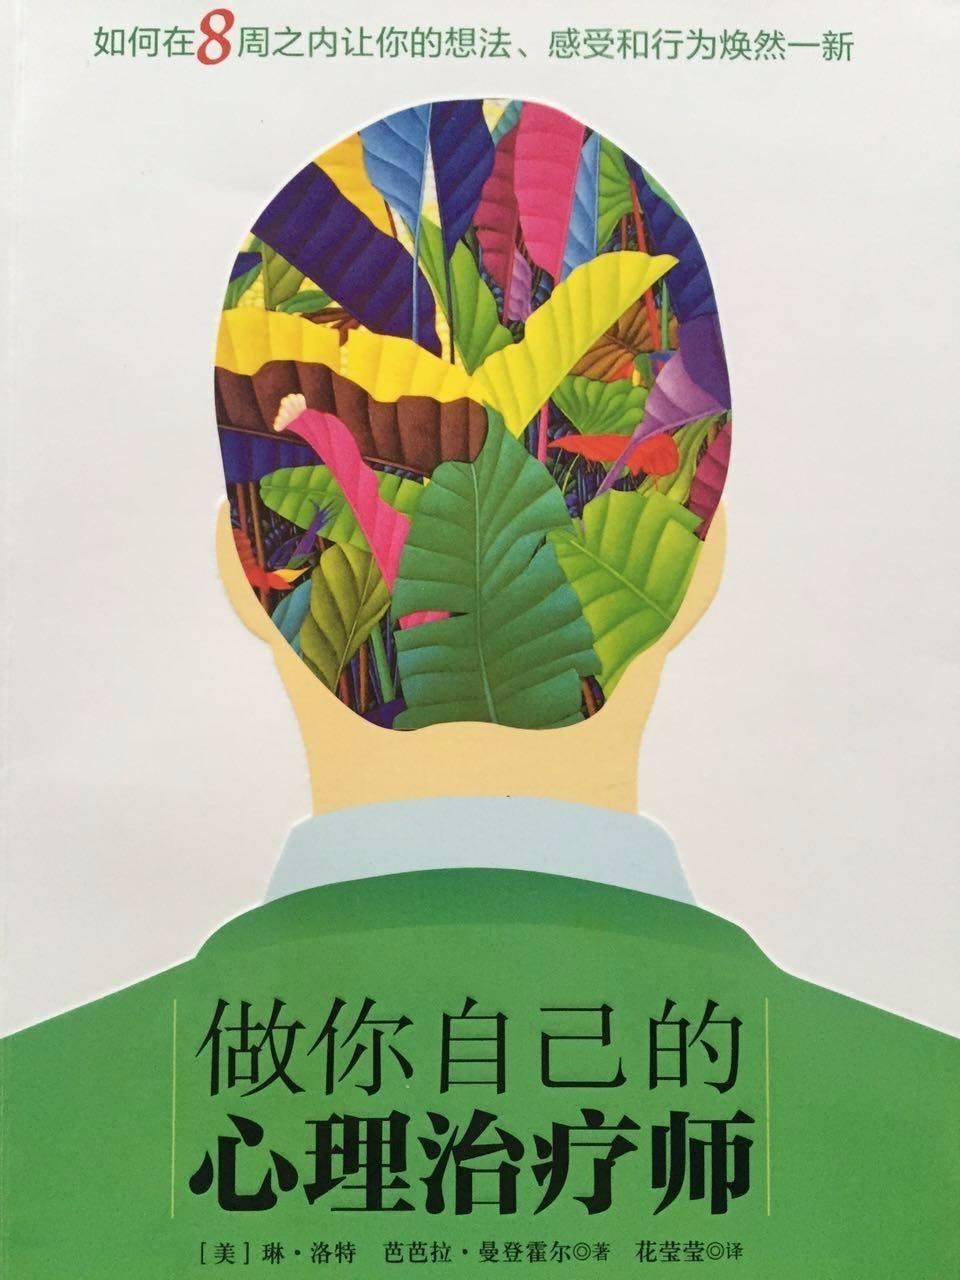 鼓励咨询师资格认证-通用PET父母效能训练家长工作坊-广州爱有方教育科技有限公司